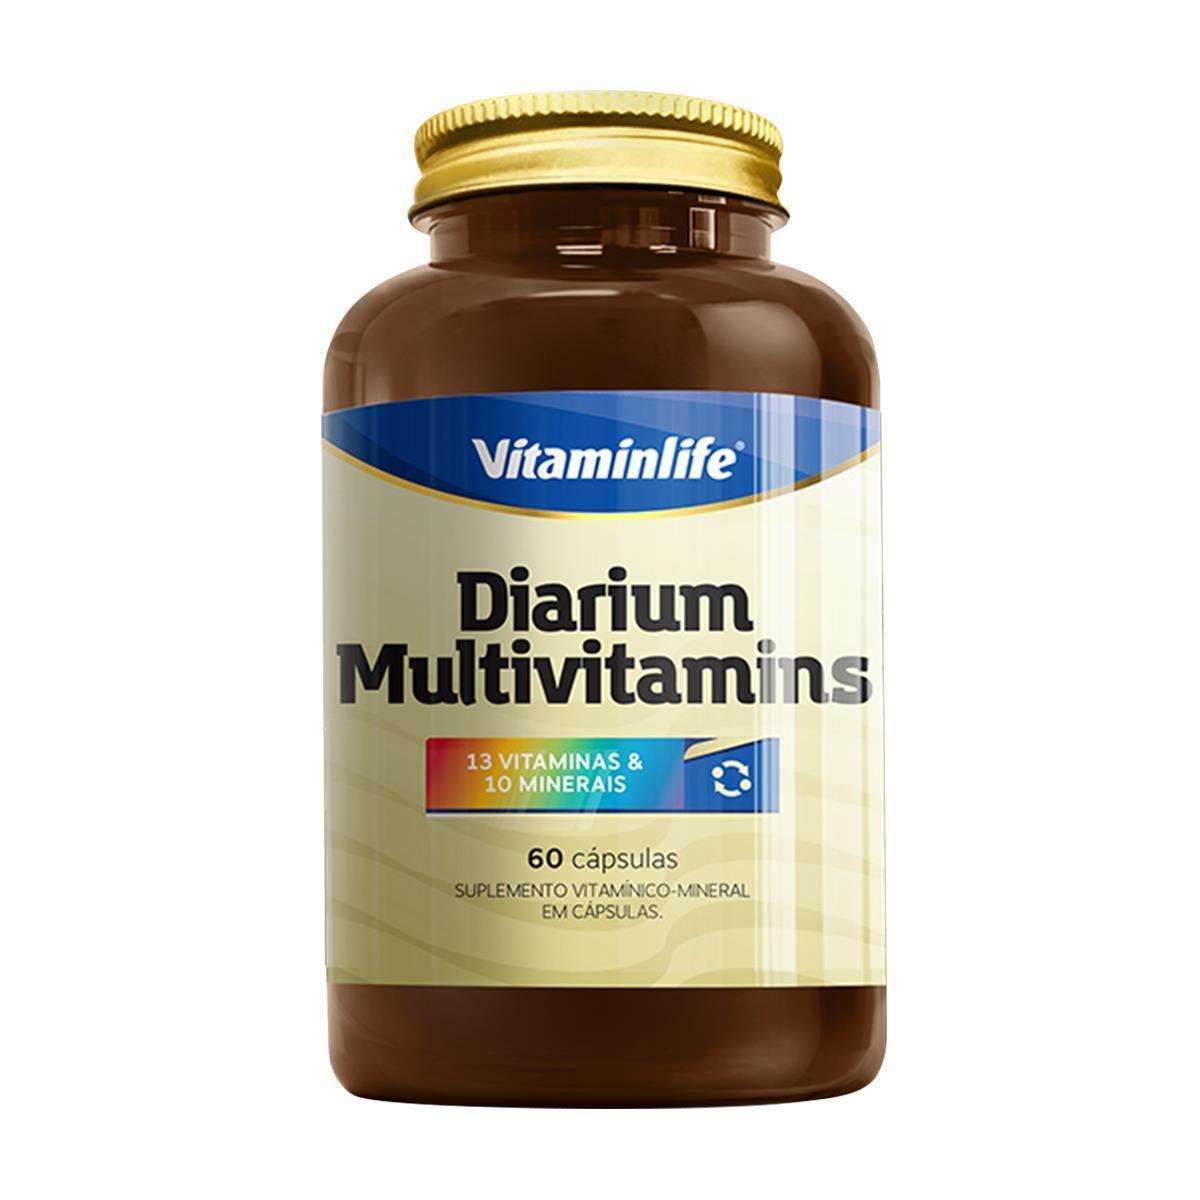 MULTIVITAMINS (60 Cápsulas) - Vitaminlife